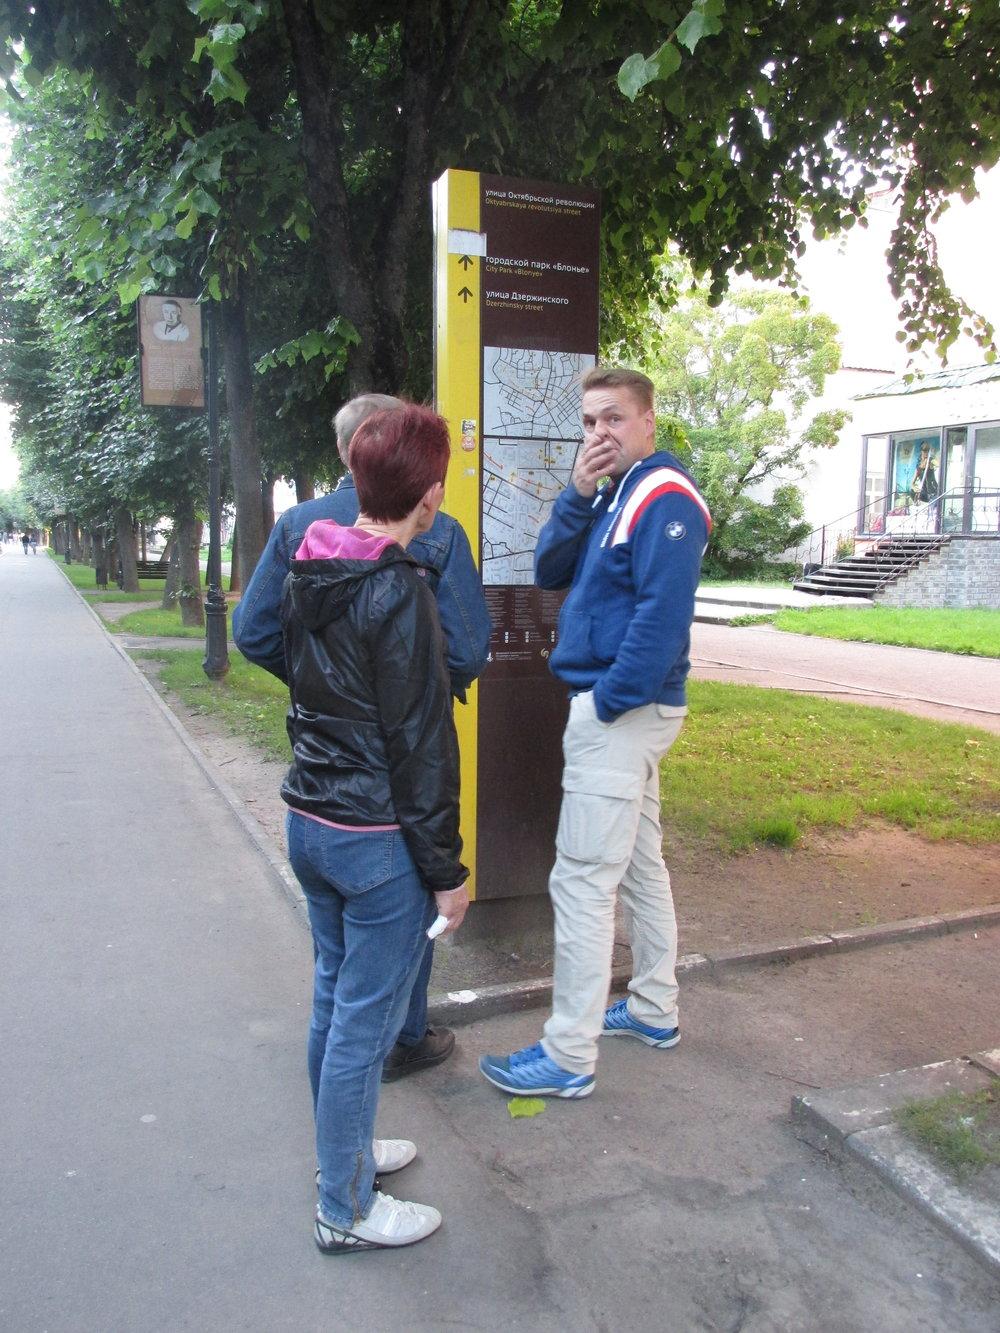 """""""Hei mihin suuntaan lähdetään!"""" Smolenskissa matkailijan apuna on opaskarttoja!"""